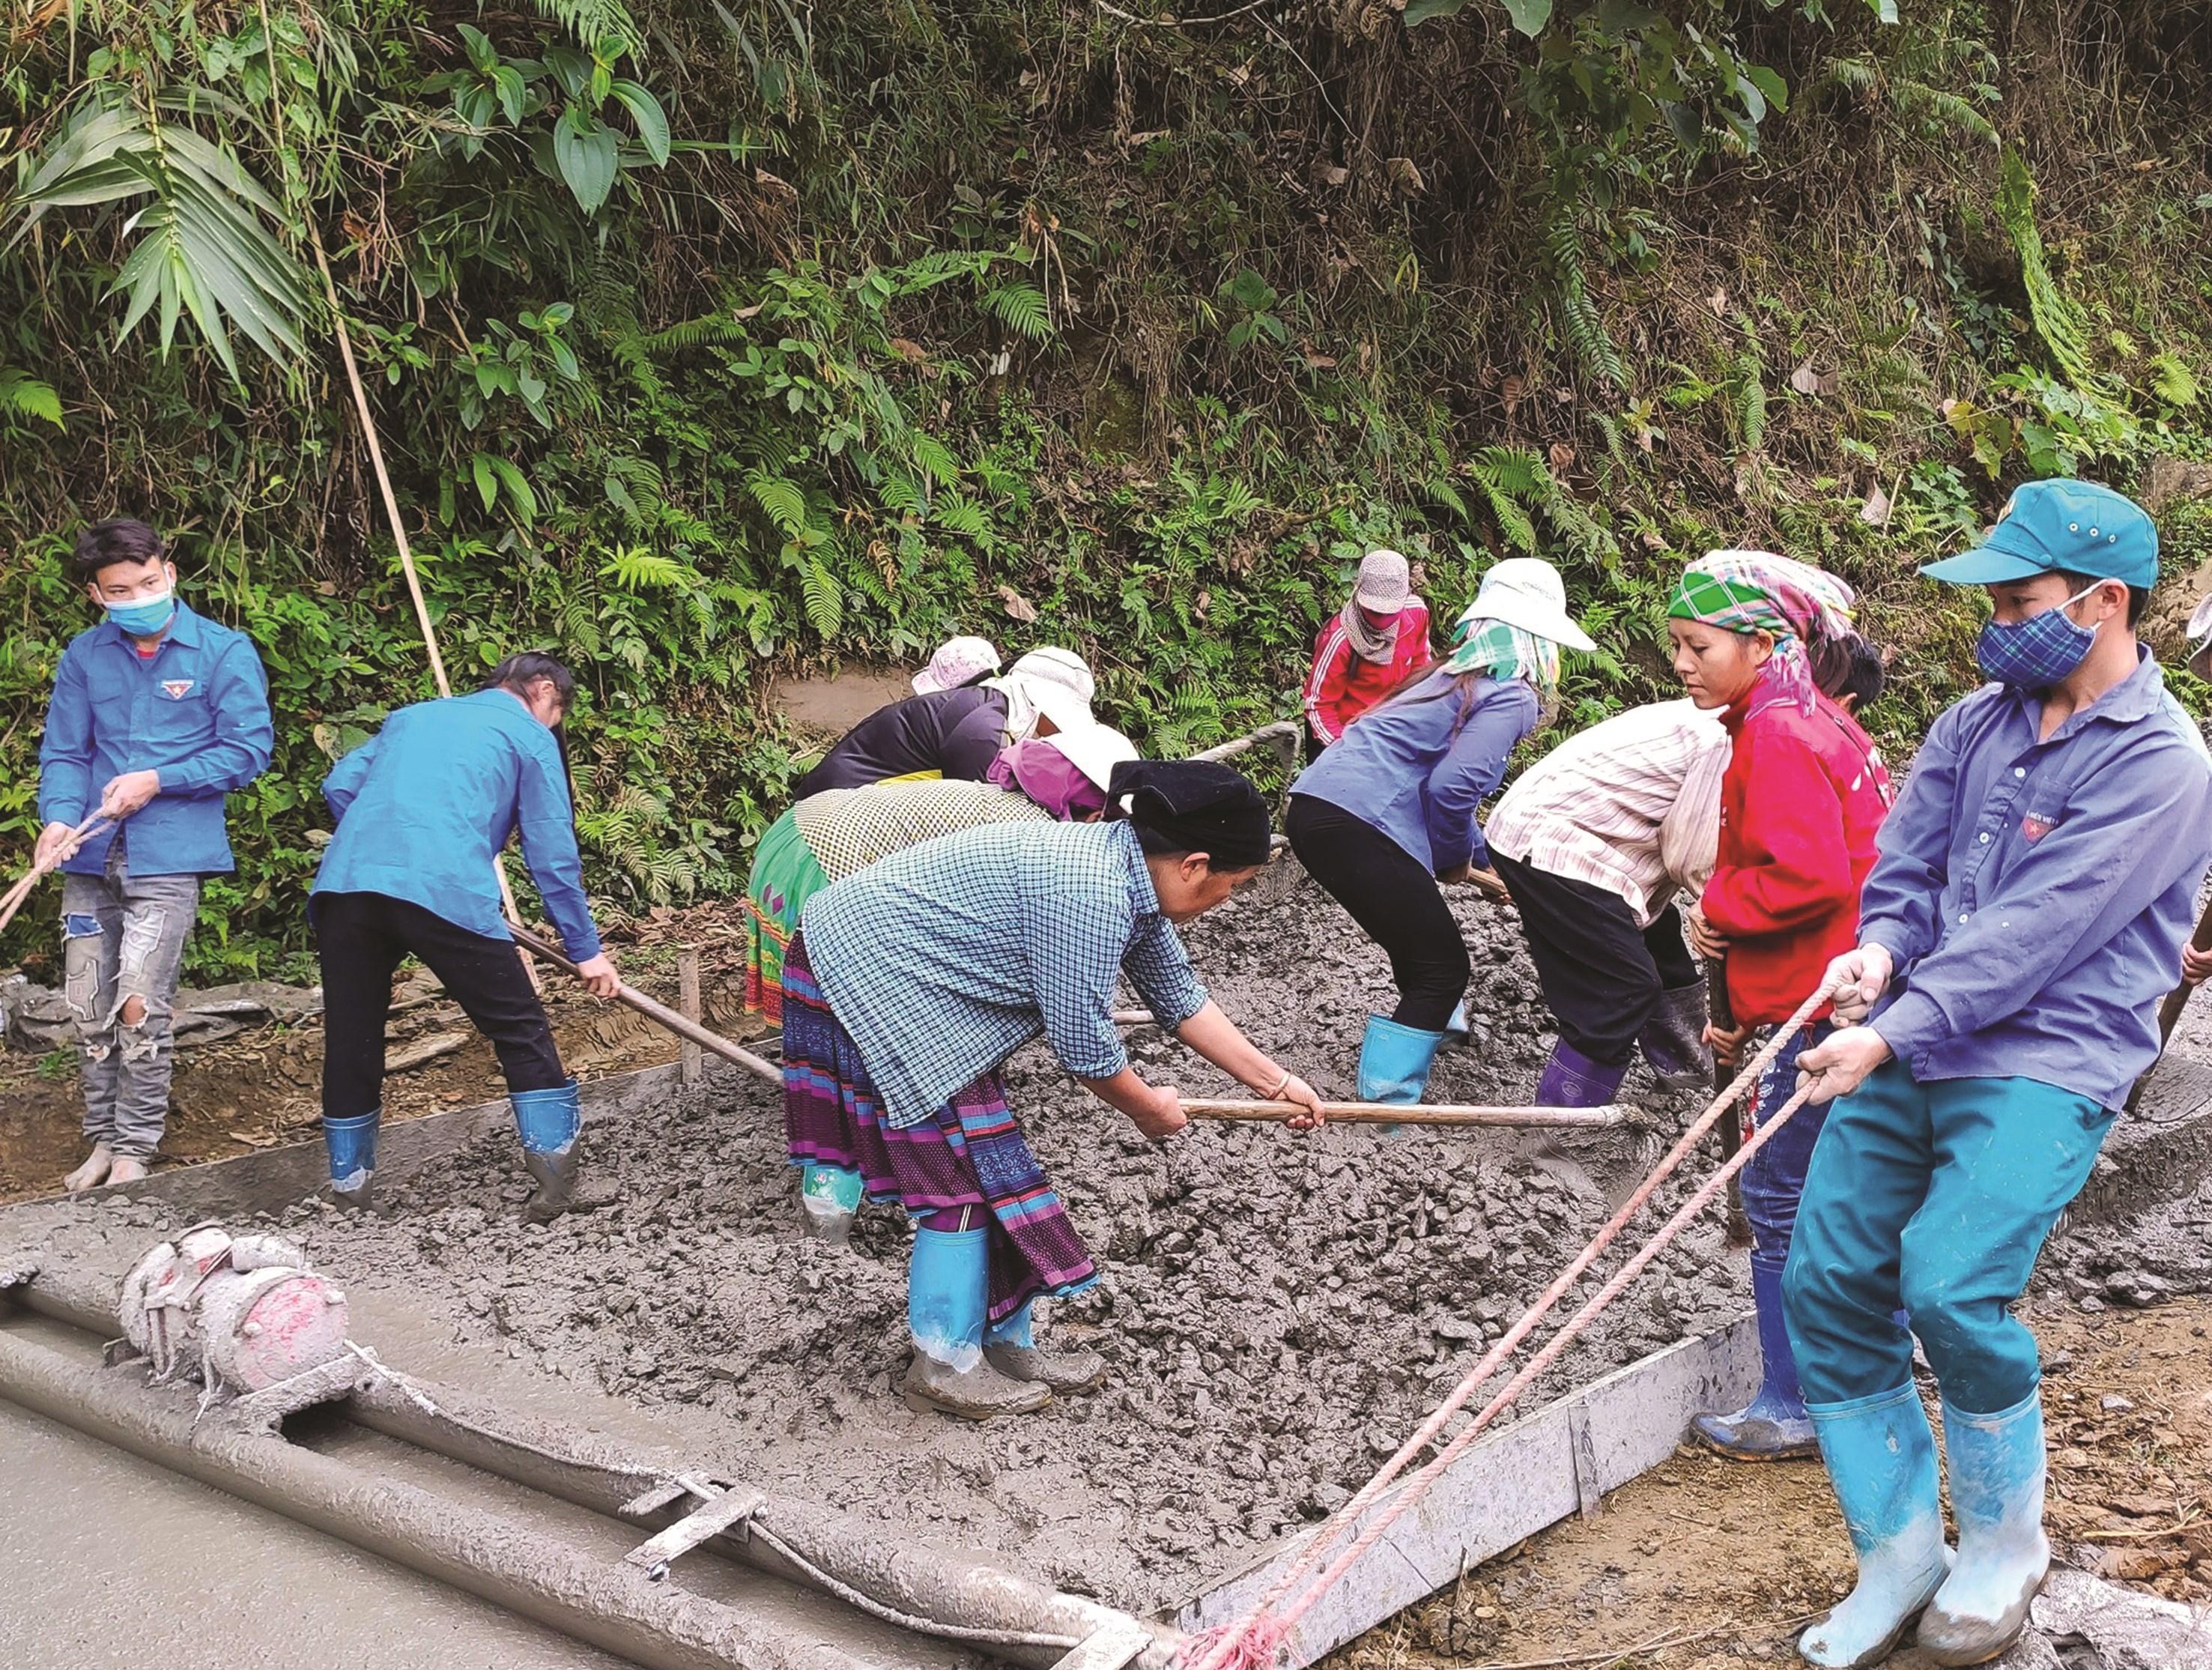 Người dân xã Xuân La chung tay xây dựng NTM góp phần phát triển KT-XH ở địa phương.